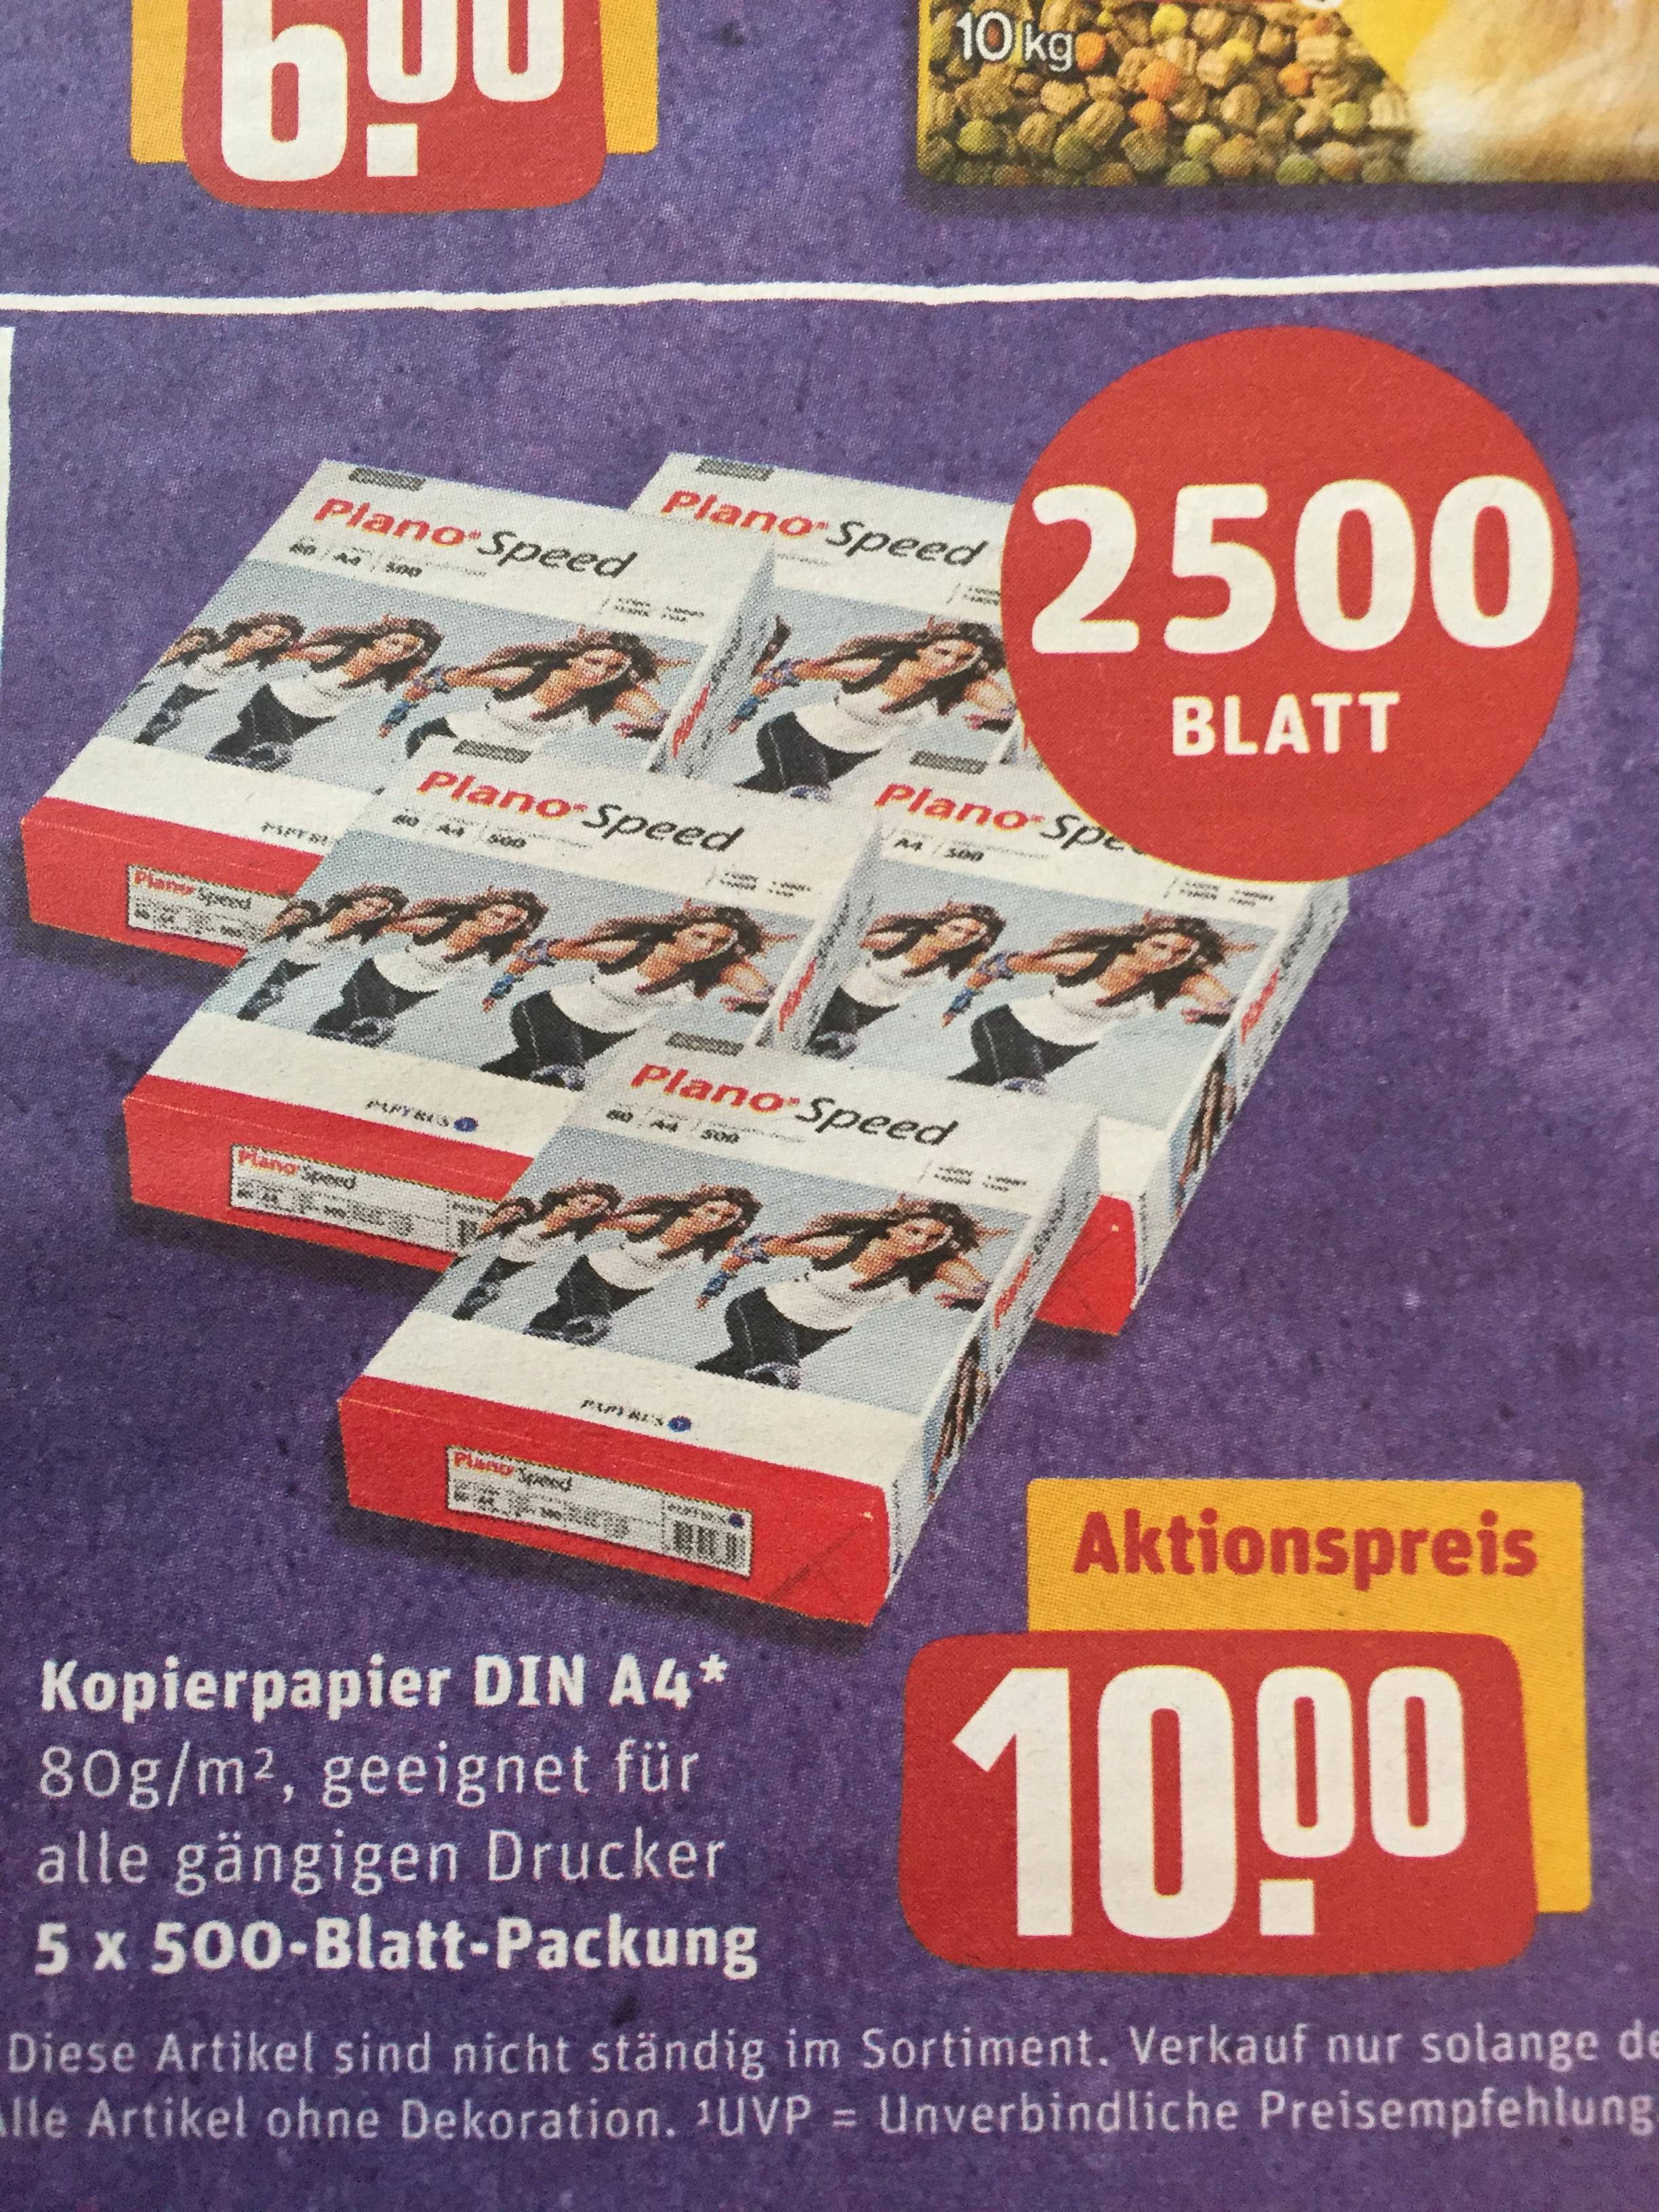 2500 Blatt Kopierpapier für 10€ [Rewe Center]